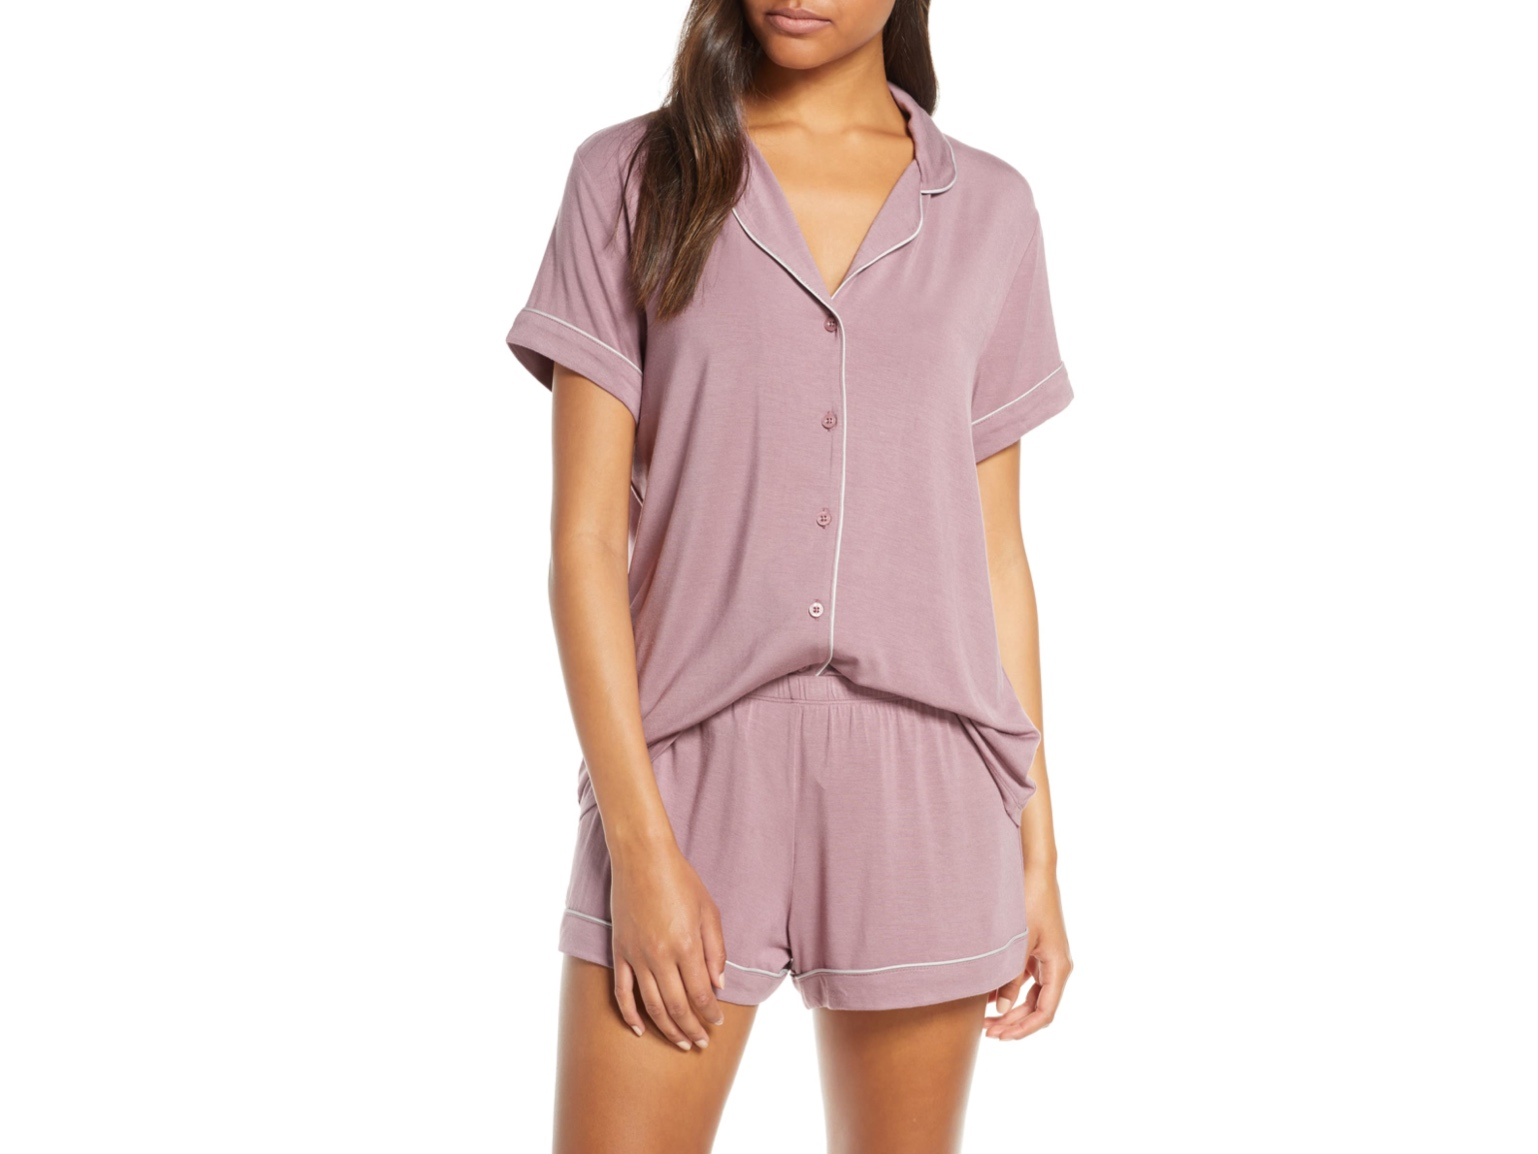 nordstrom+pajamas.jpg